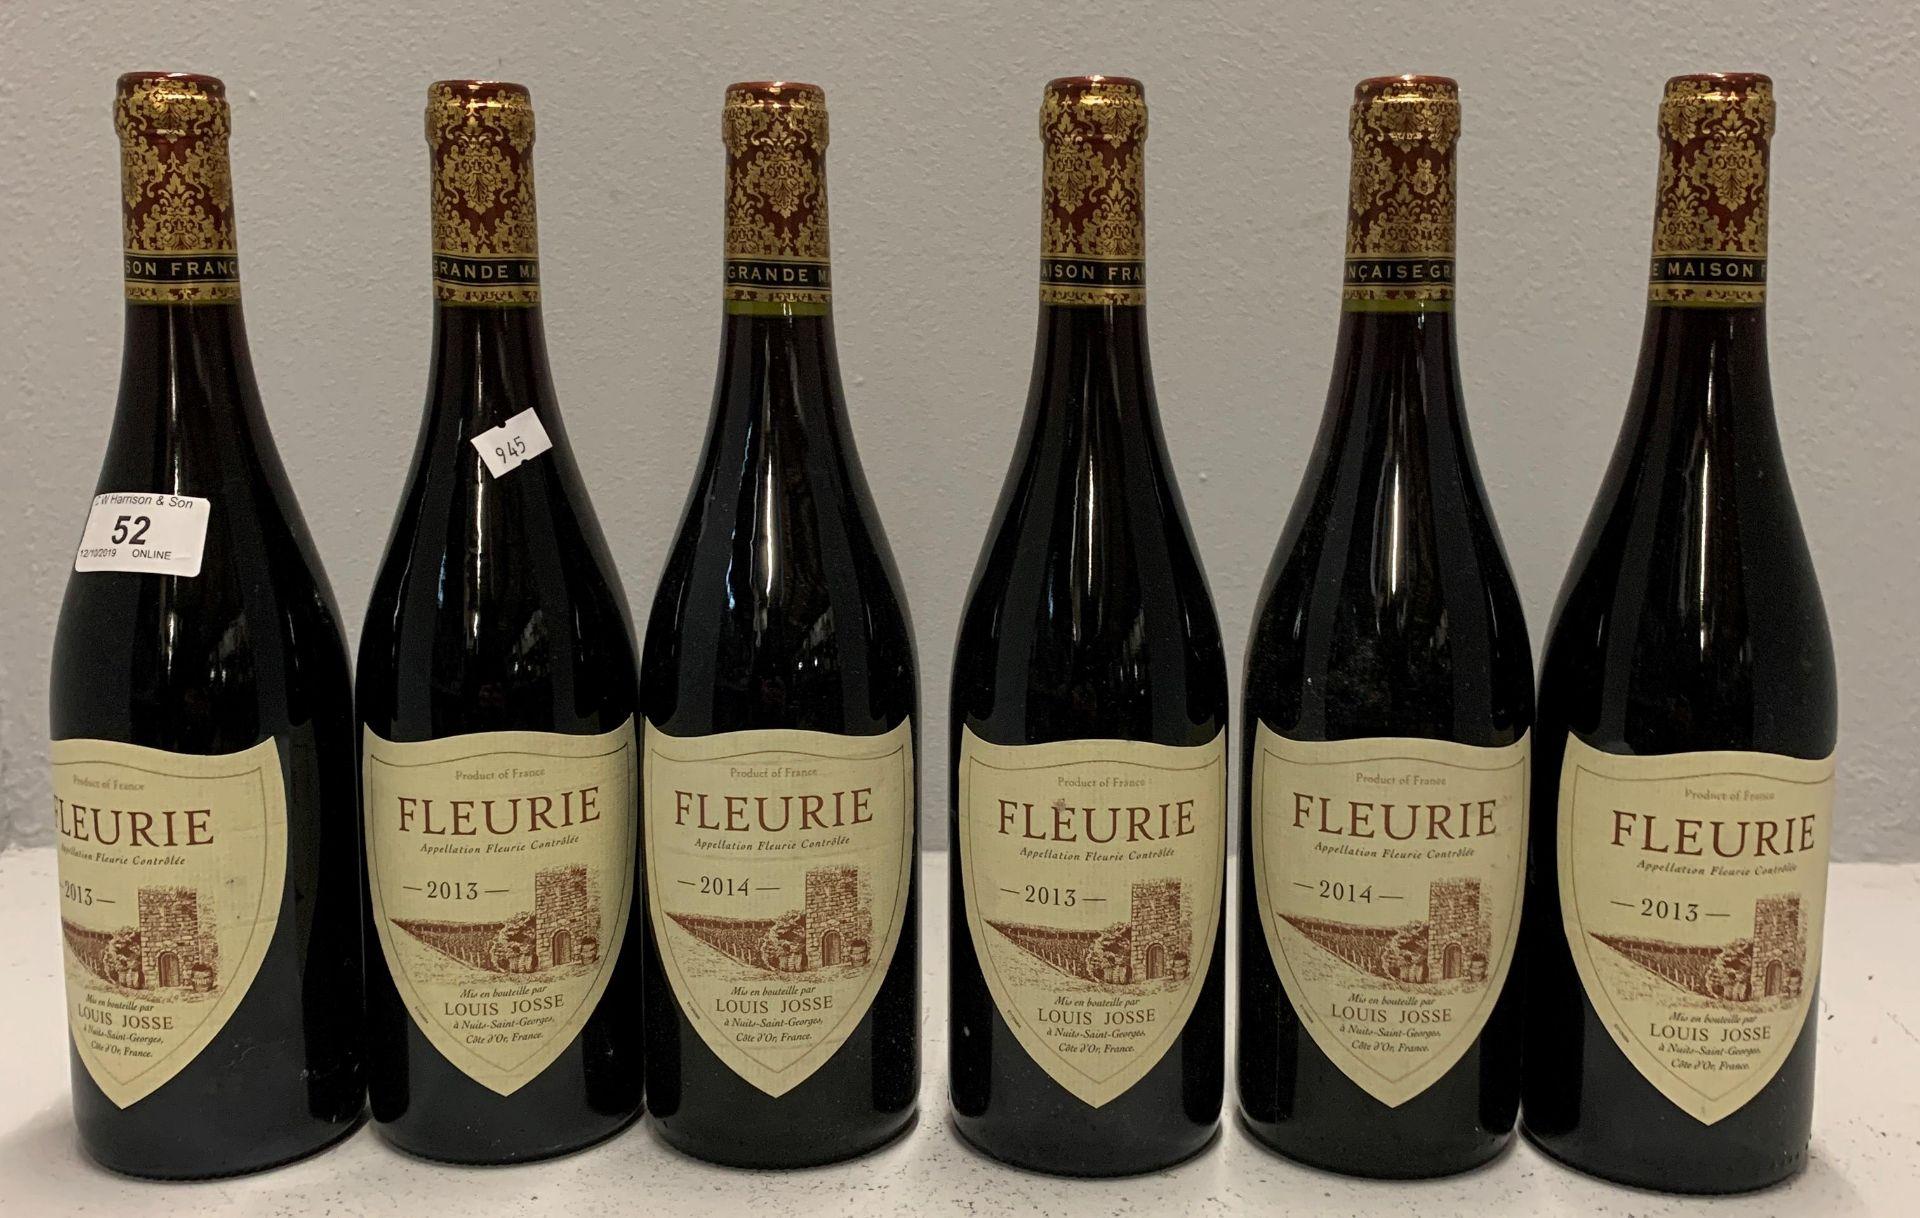 Lot 52 - 6 x 750ml bottles Louis Josse Fleurie